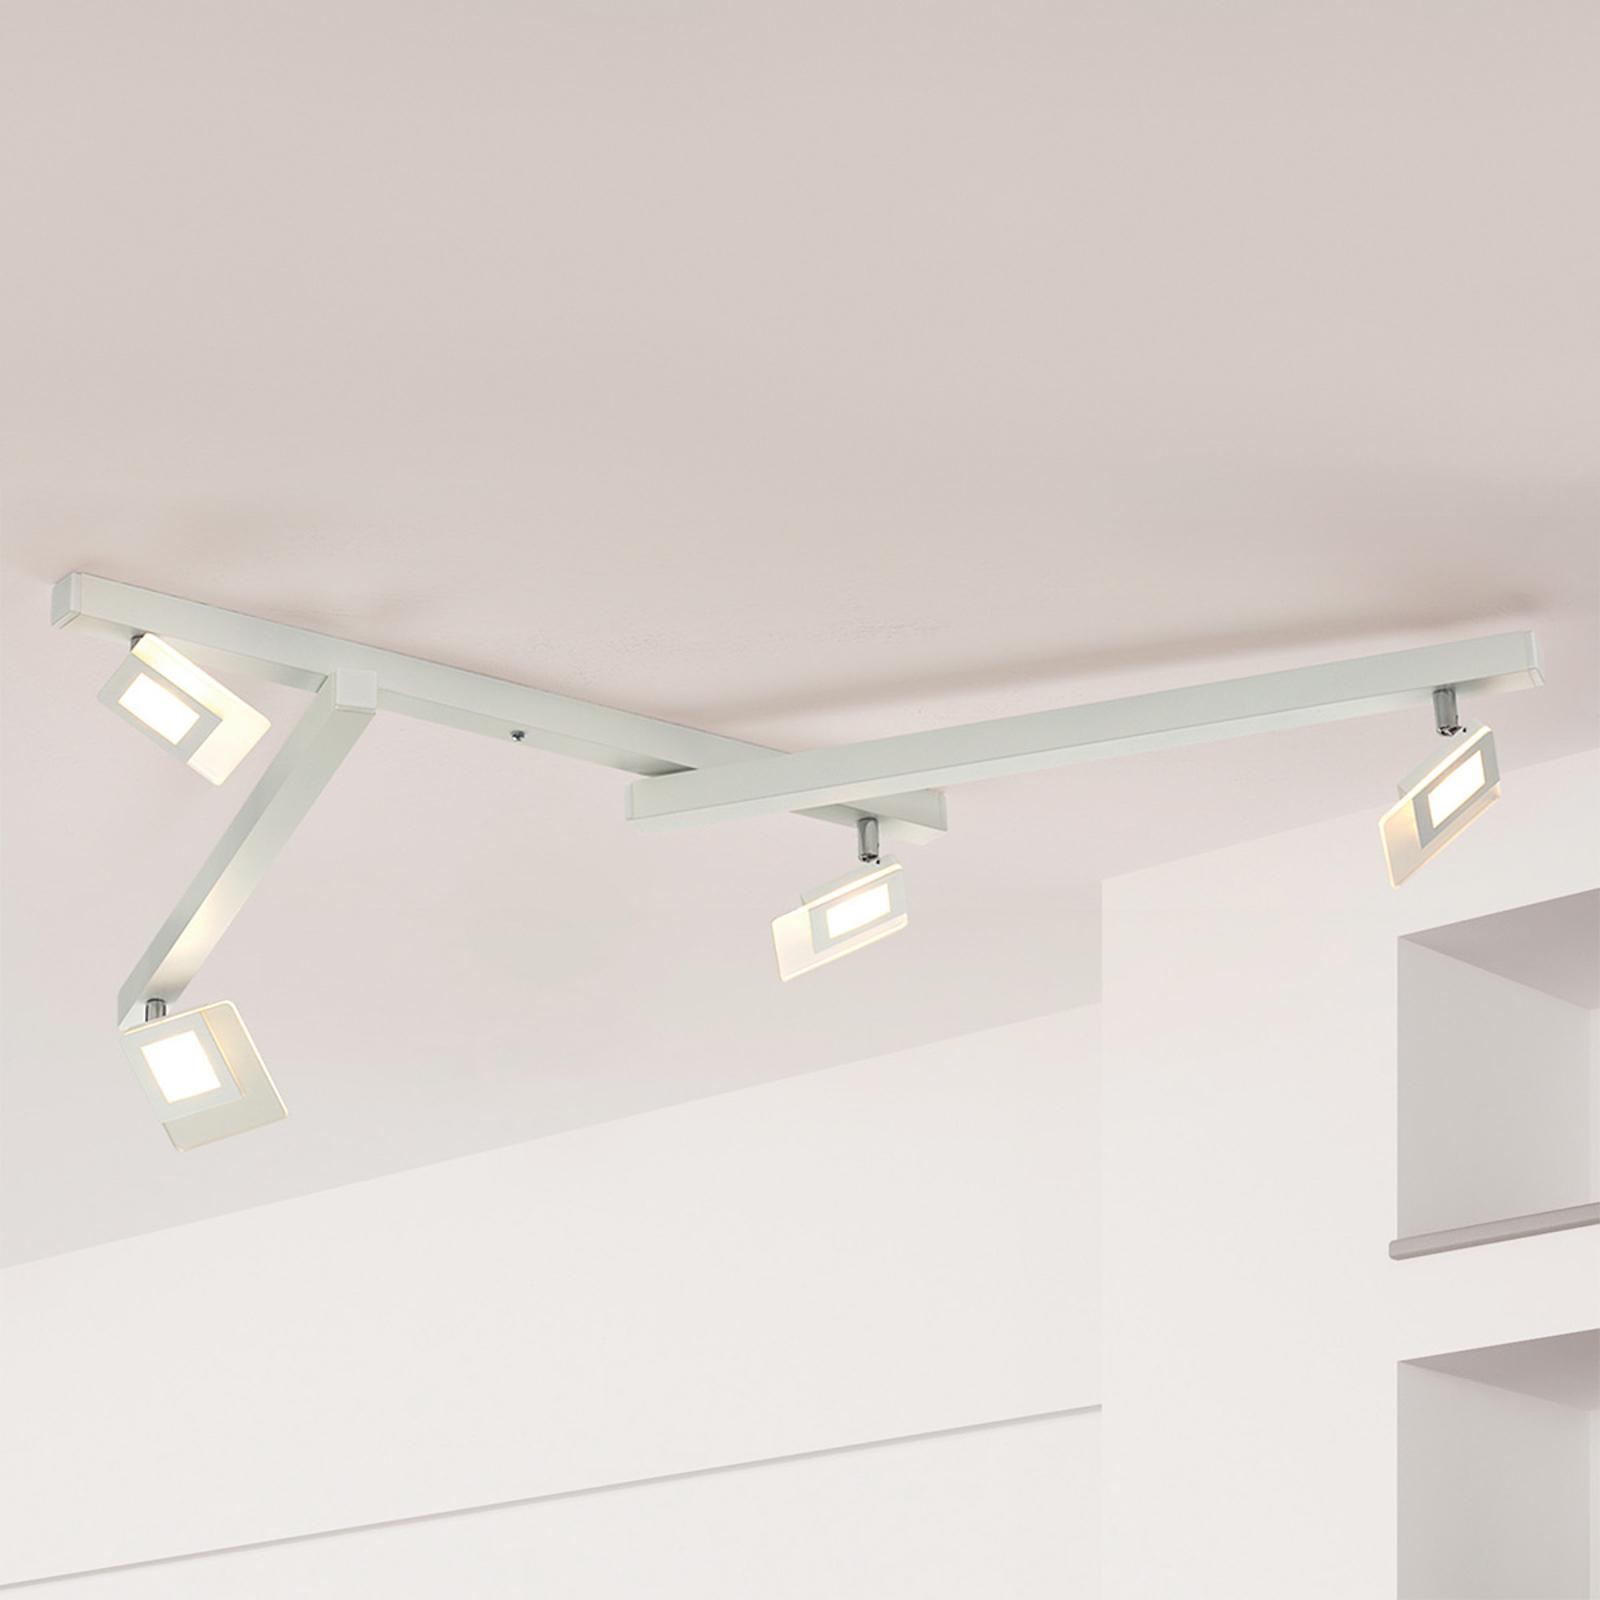 Vijflamps LED-plafondlamp Line in wit